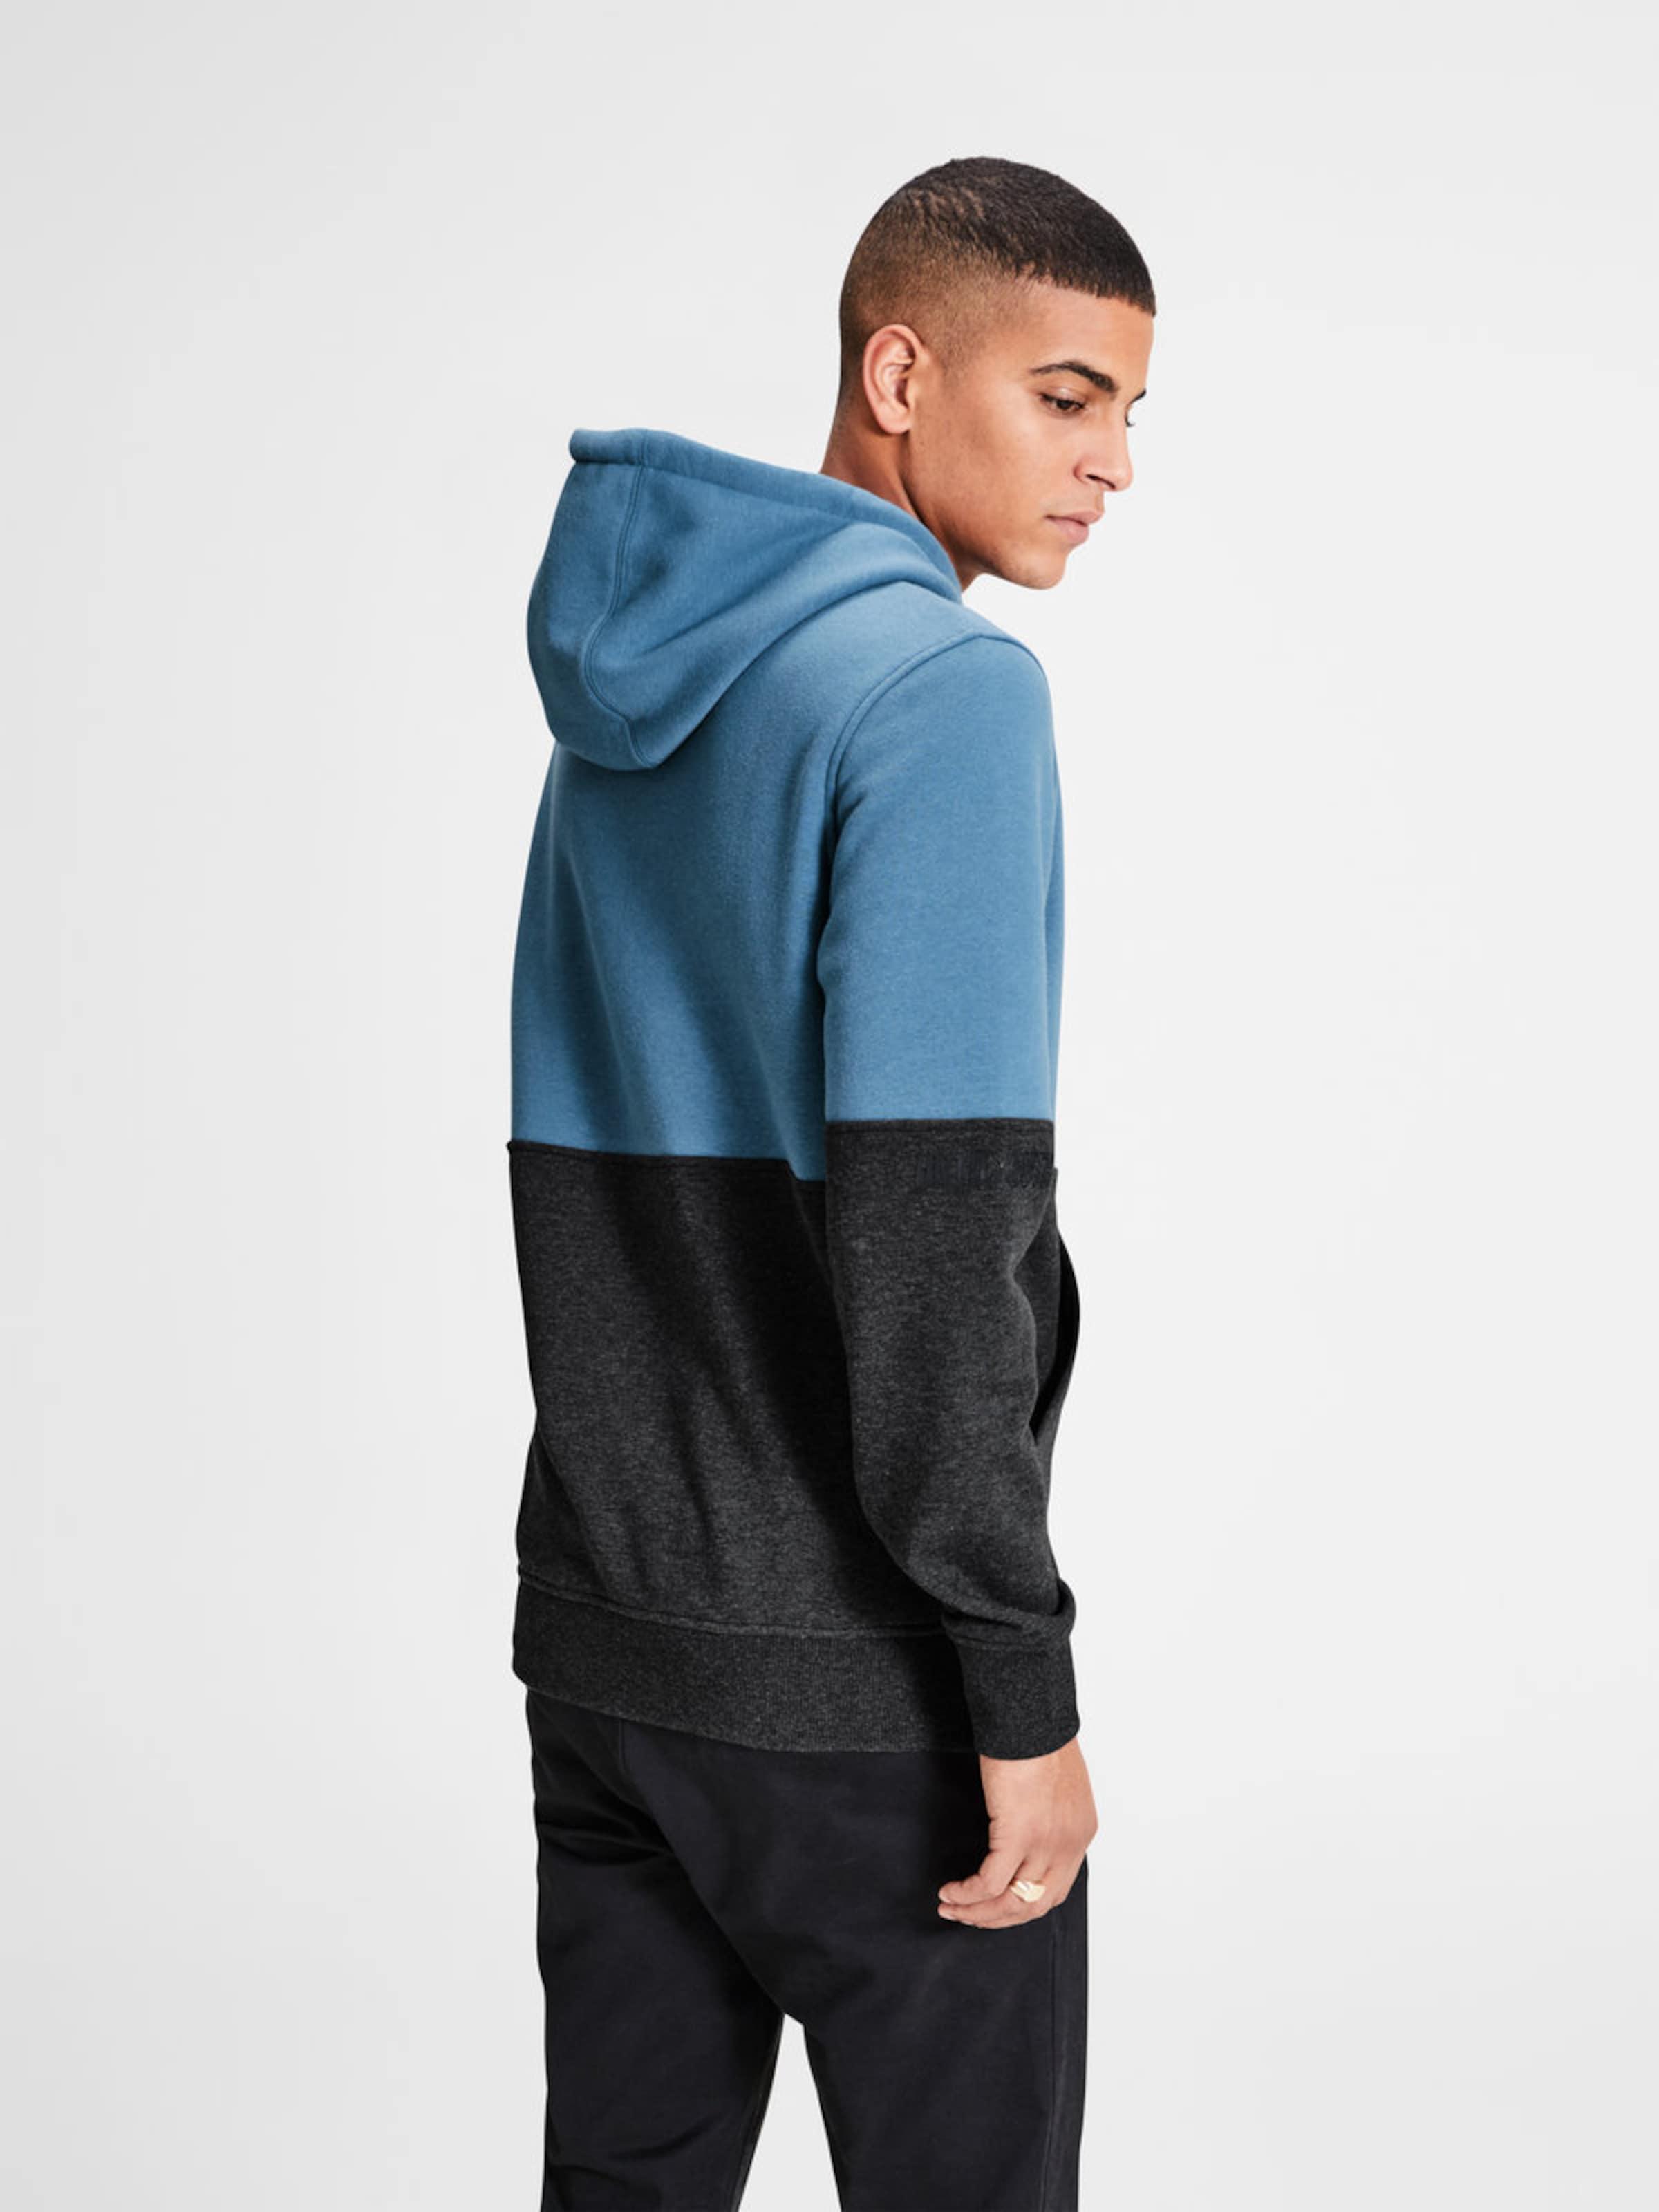 Frei Versendende Qualität Niedriger Preis JACK & JONES Sweatshirt Colour-Blocking Empfehlen Online Billigpreisnachlass Authentisch WF9vF